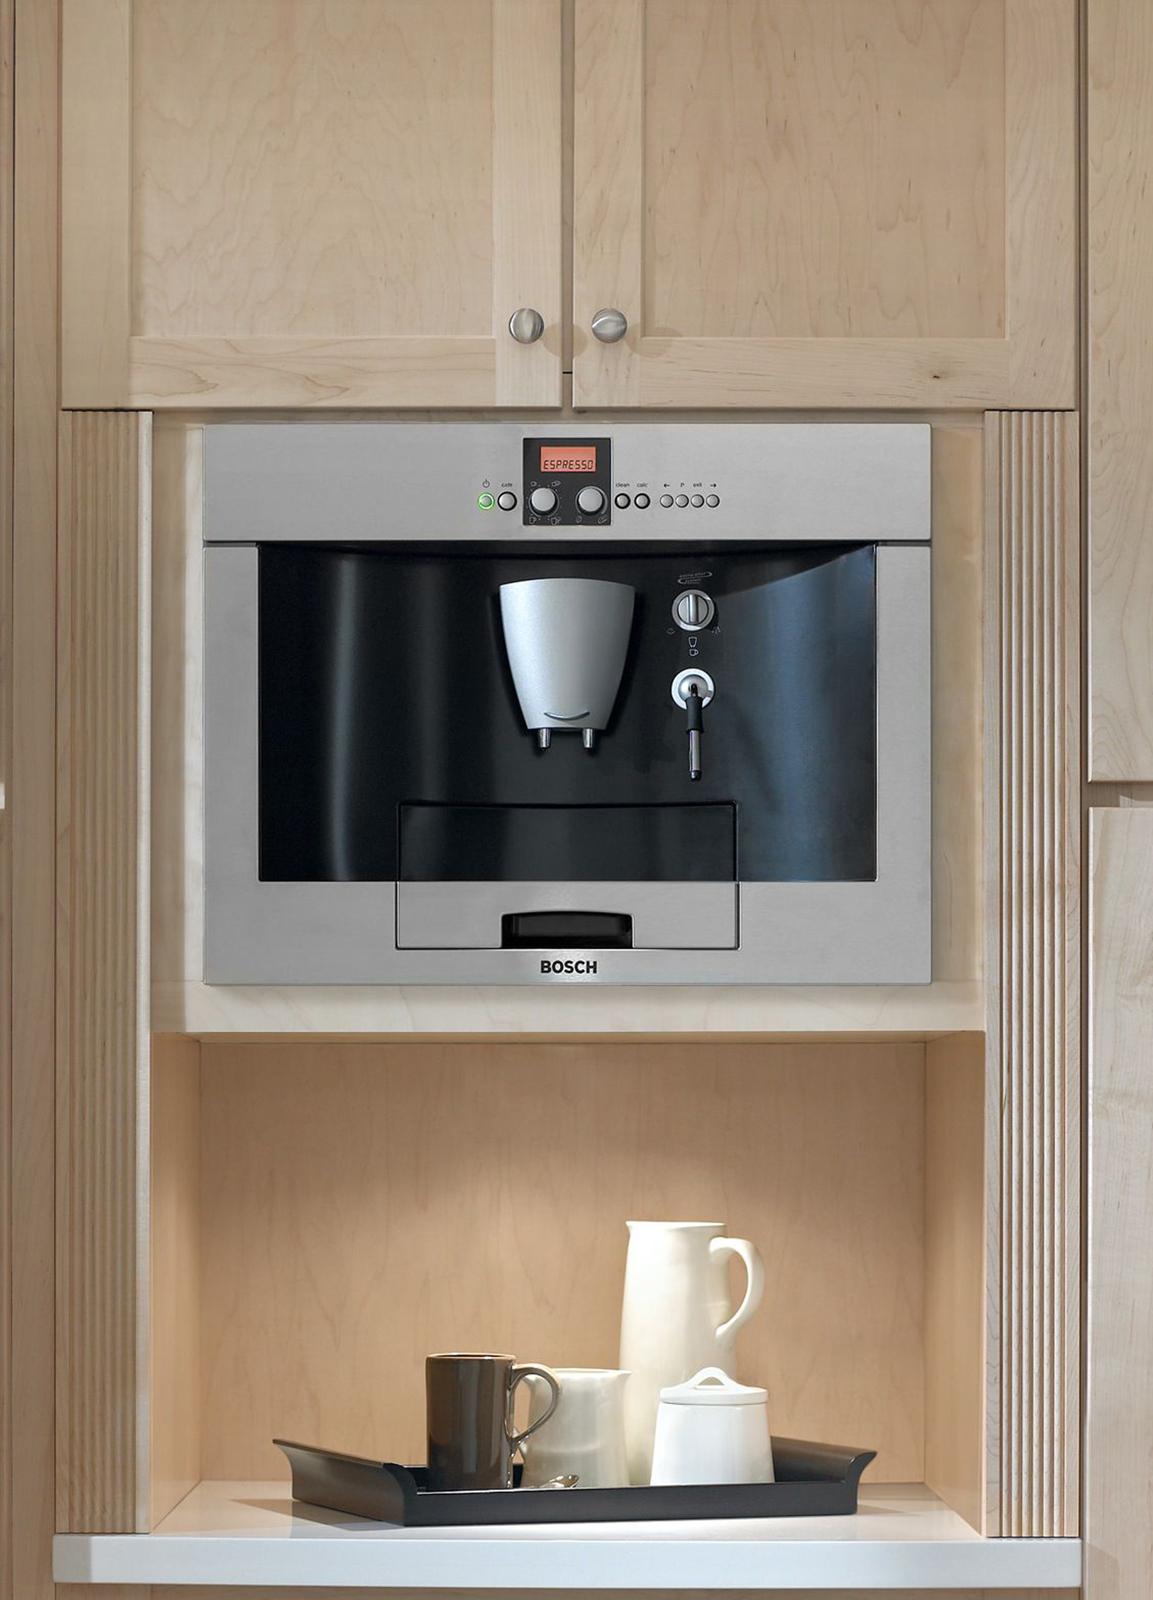 Bosch Benvenuto® Built-in Coffee Machine - Stainless steel